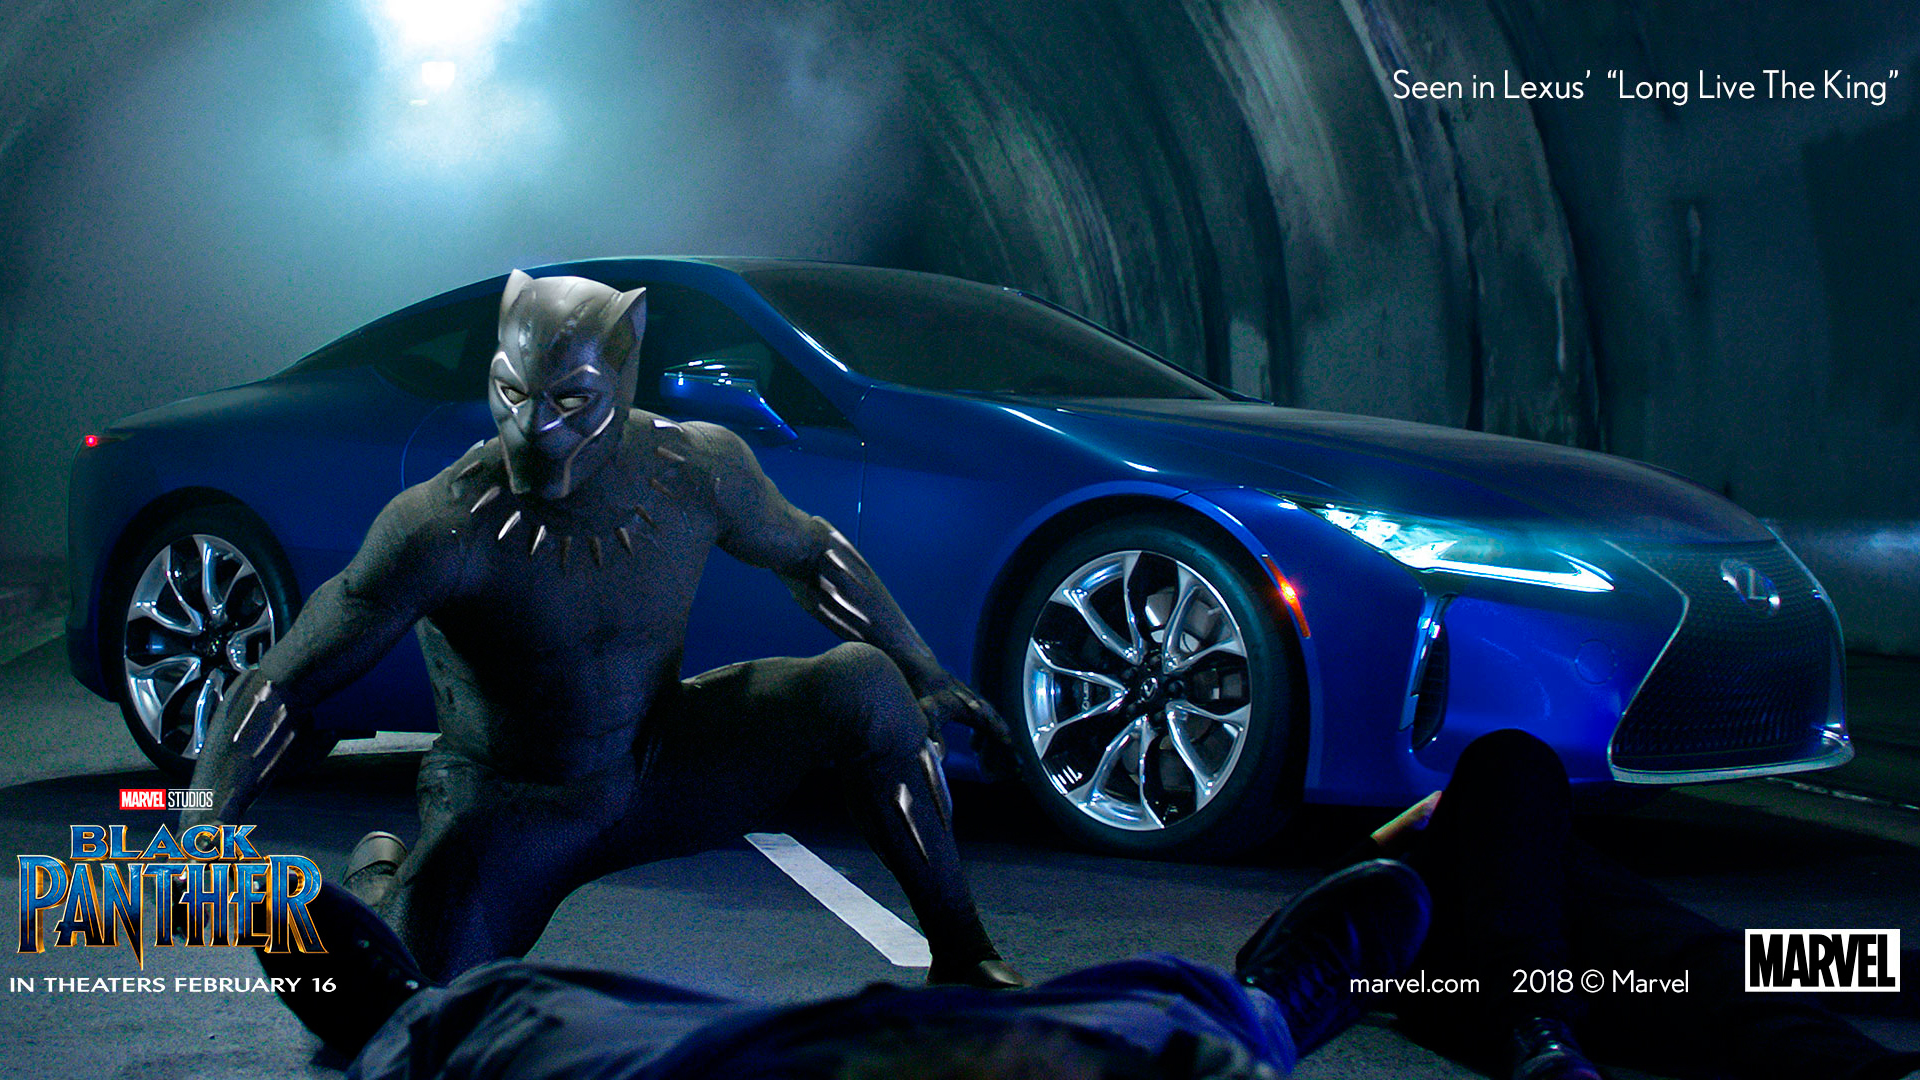 El LC 500 y Black Panther hero asset